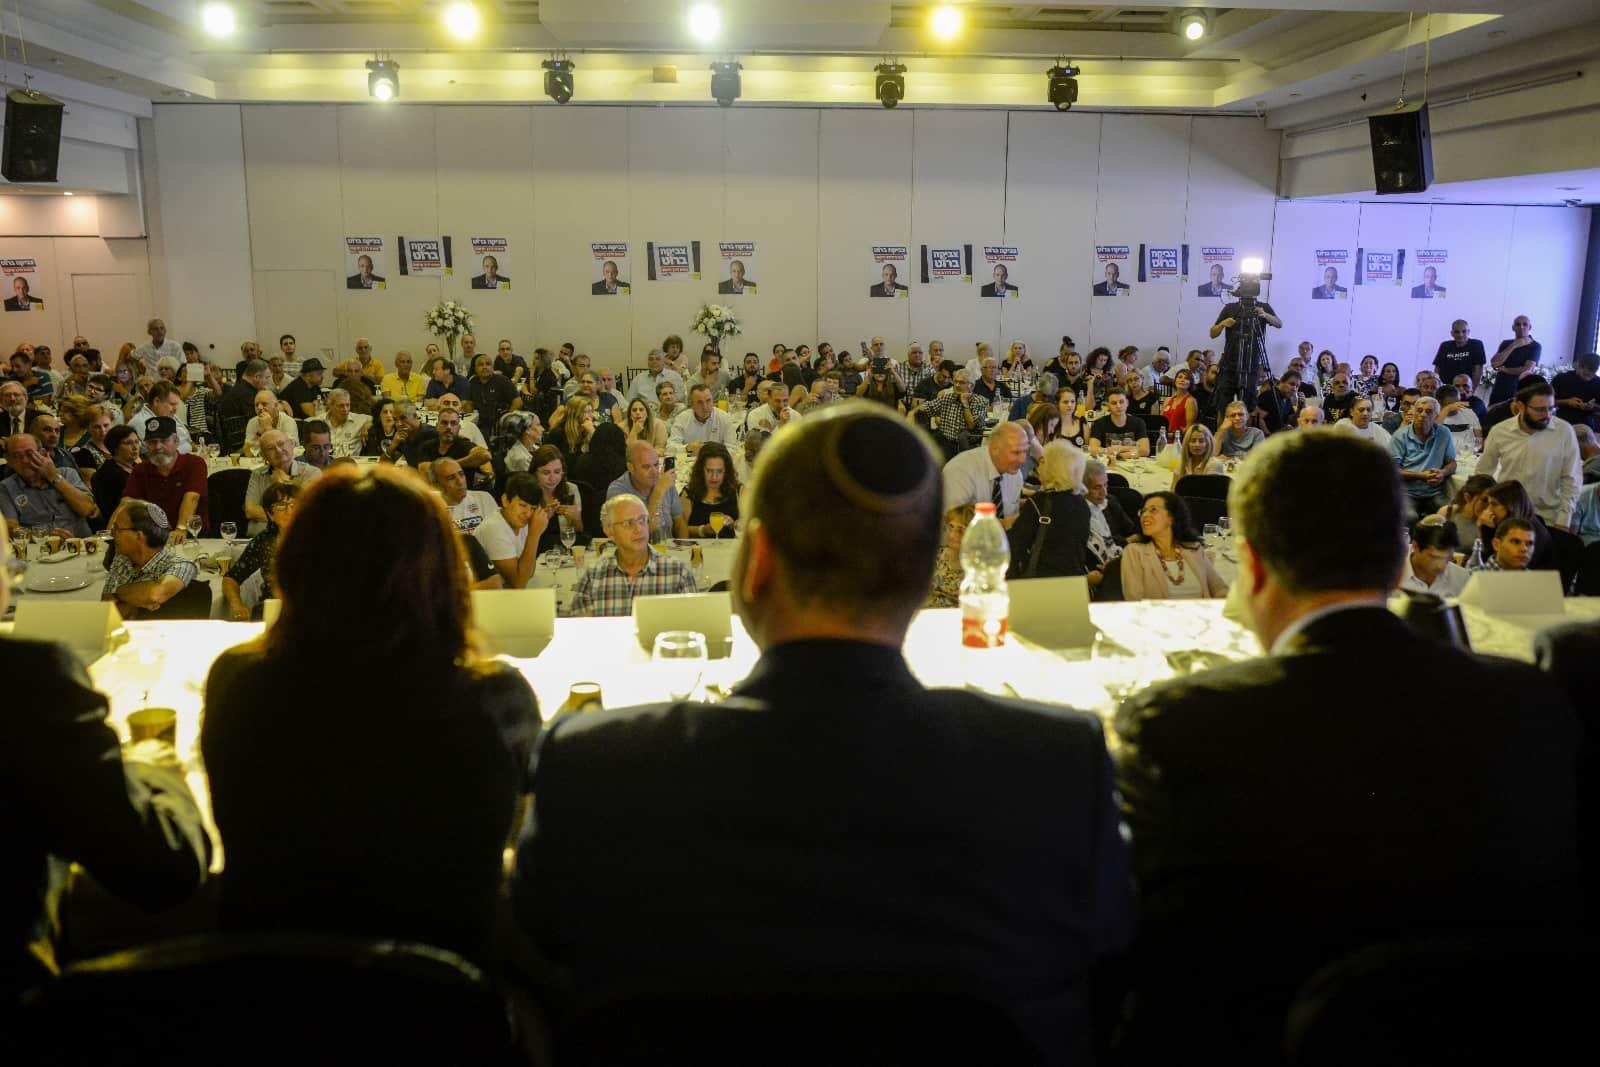 נותנים רוח גבית למועמד המפלגה, צילום: ביאה בר לוקש